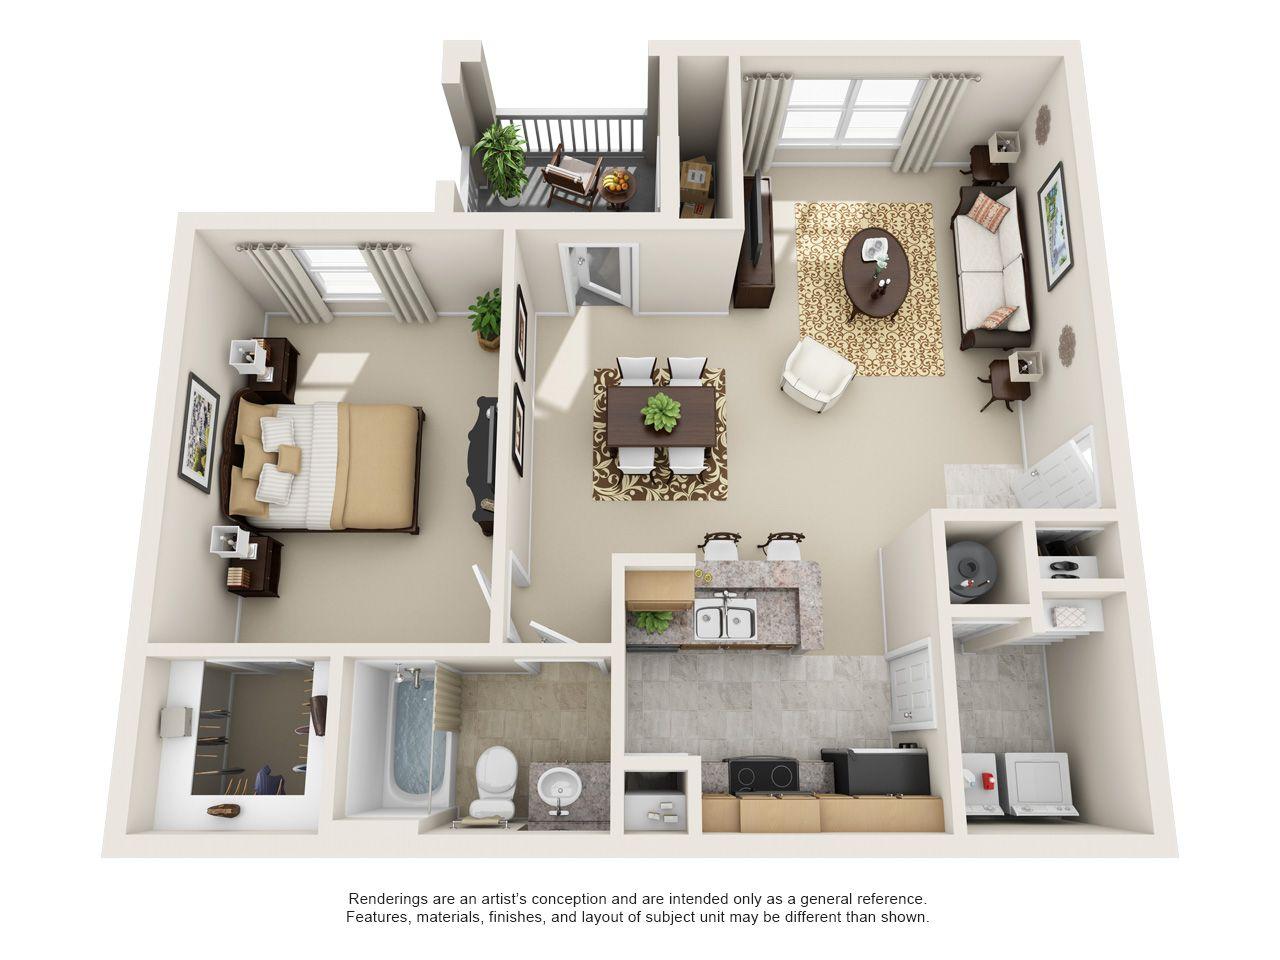 1 And 2 Bedroom Floor Plans Stoneridge Farms Apartments Tennessee Apartment Steadfast 2 Bedroom Apartment Floor Plan Apartment Layout Small House Plans